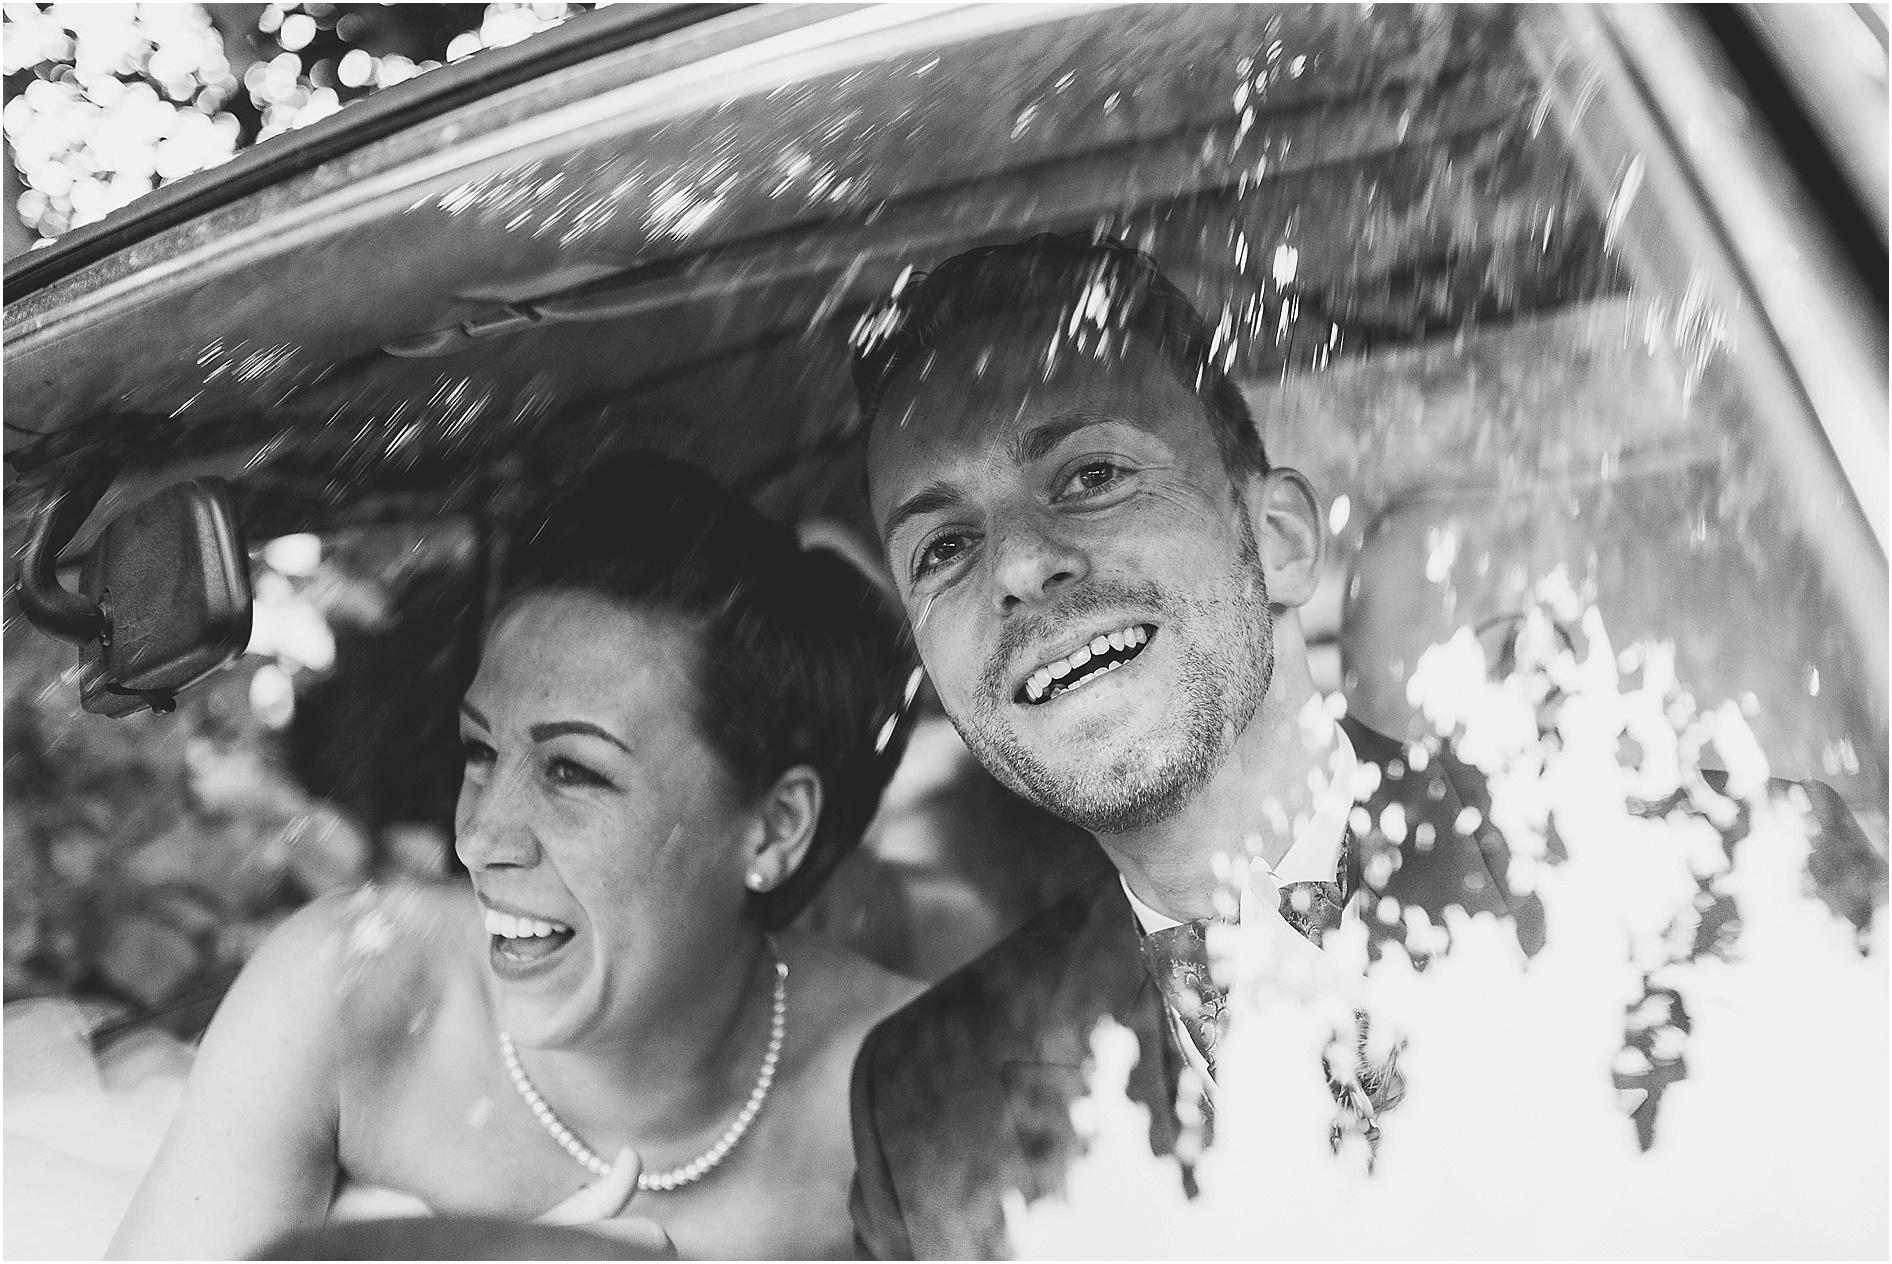 2015-10-27_0053 Tine & Chrischan - Hochzeitsfilm & Fotos in Lüneburg